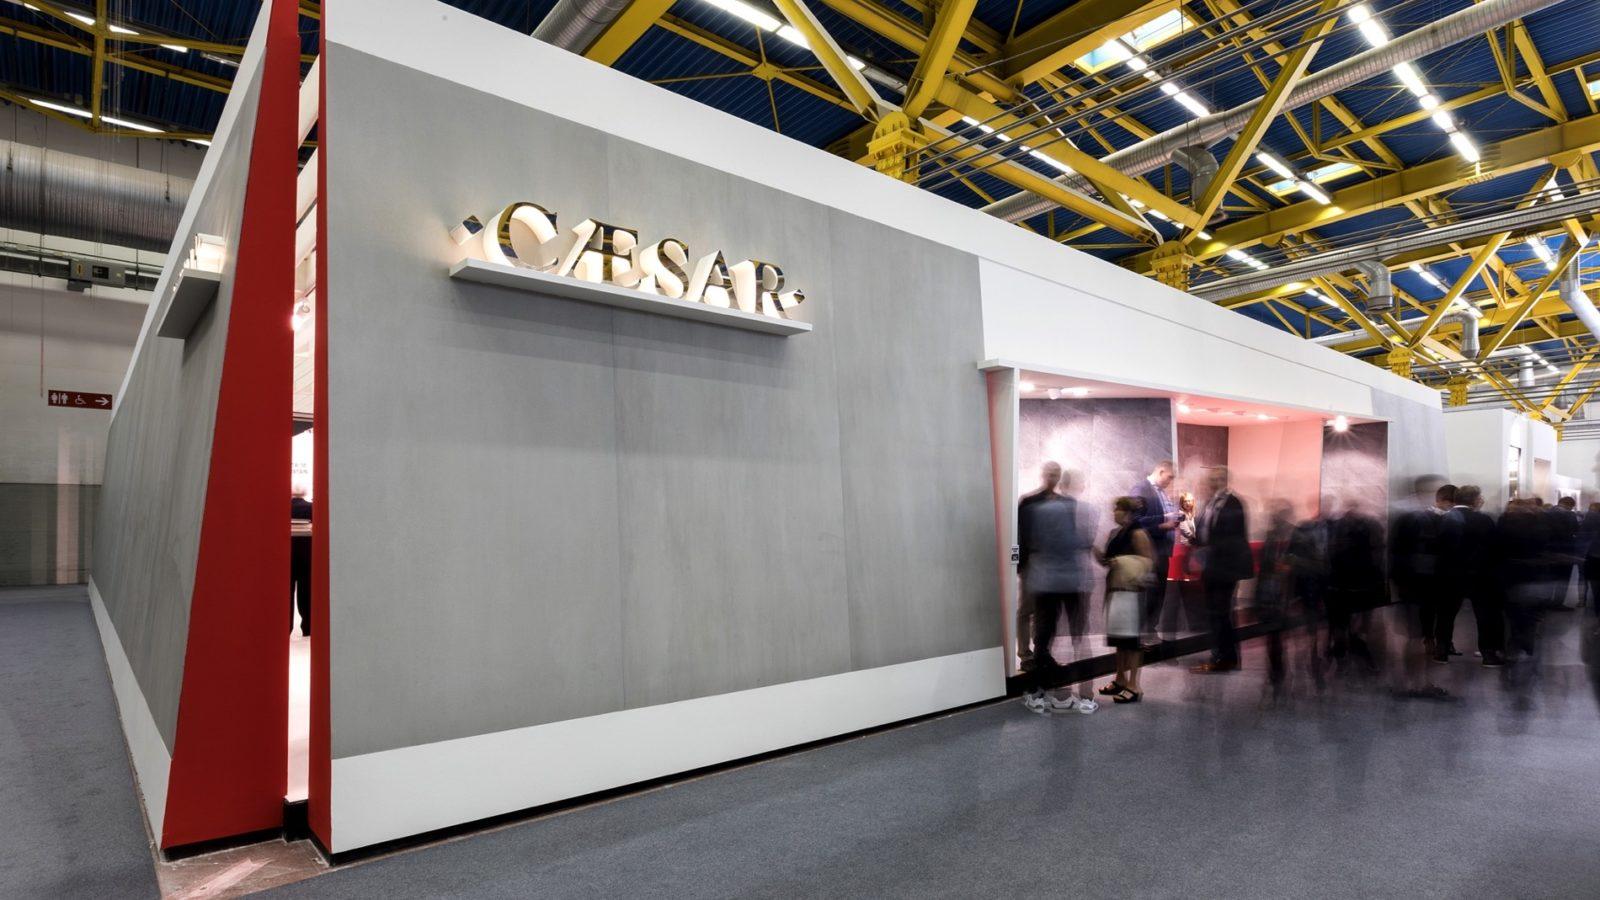 Bottega - Dettaglio allestimento stand fiera  Cesar per l'edizione 2017 del Cersaie di Bologna